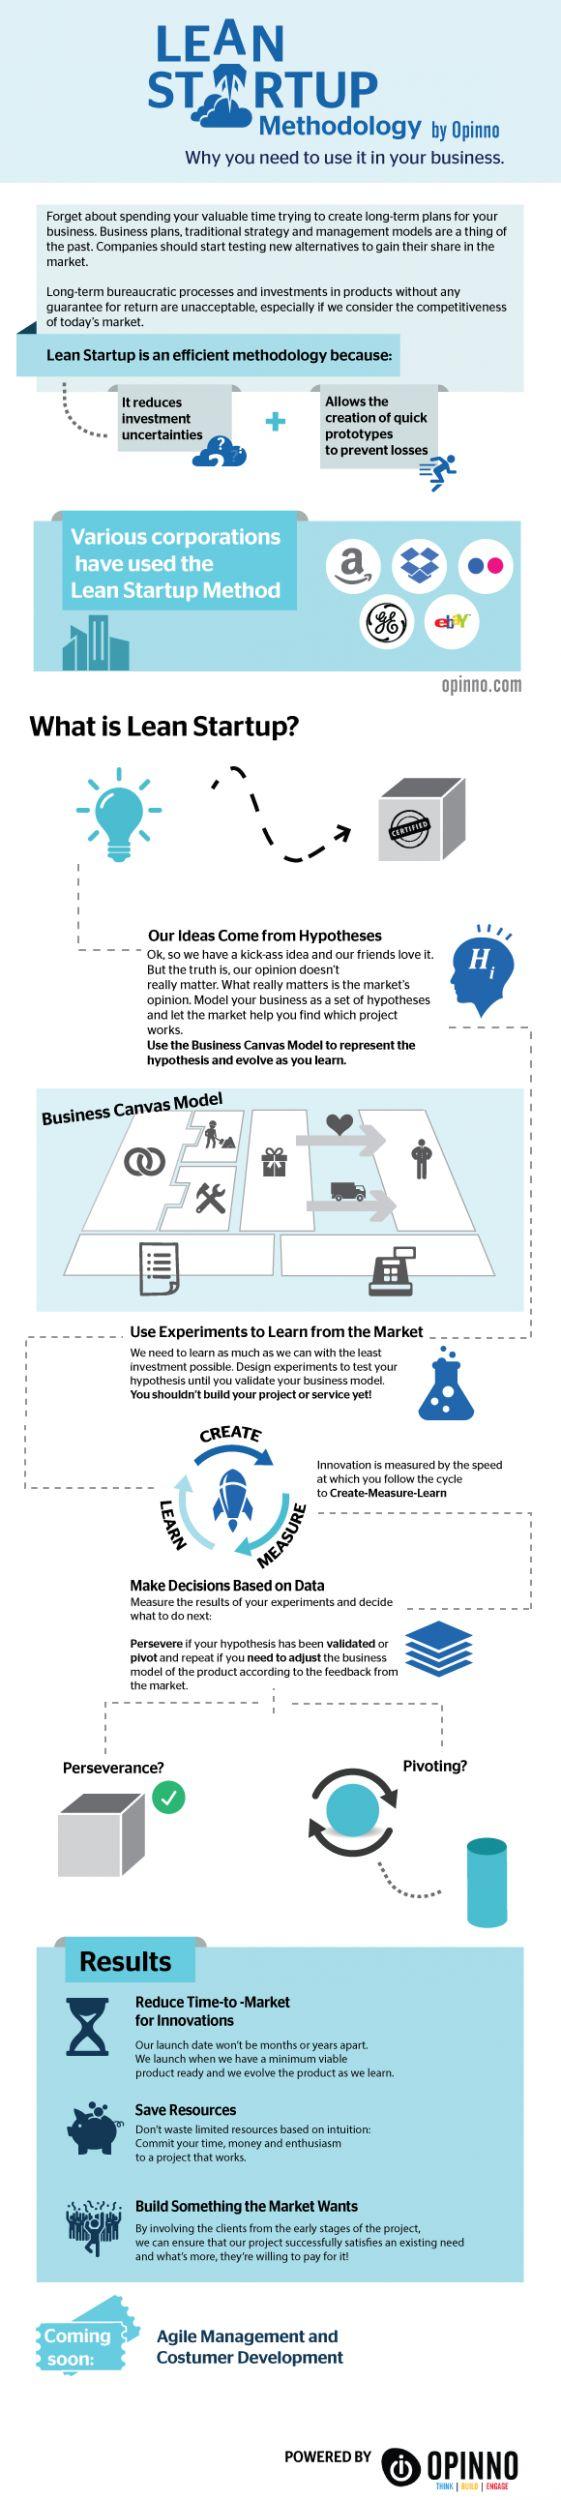 Lean StartUp Methodology   Opinno - Empresa global de consultoría en innovación